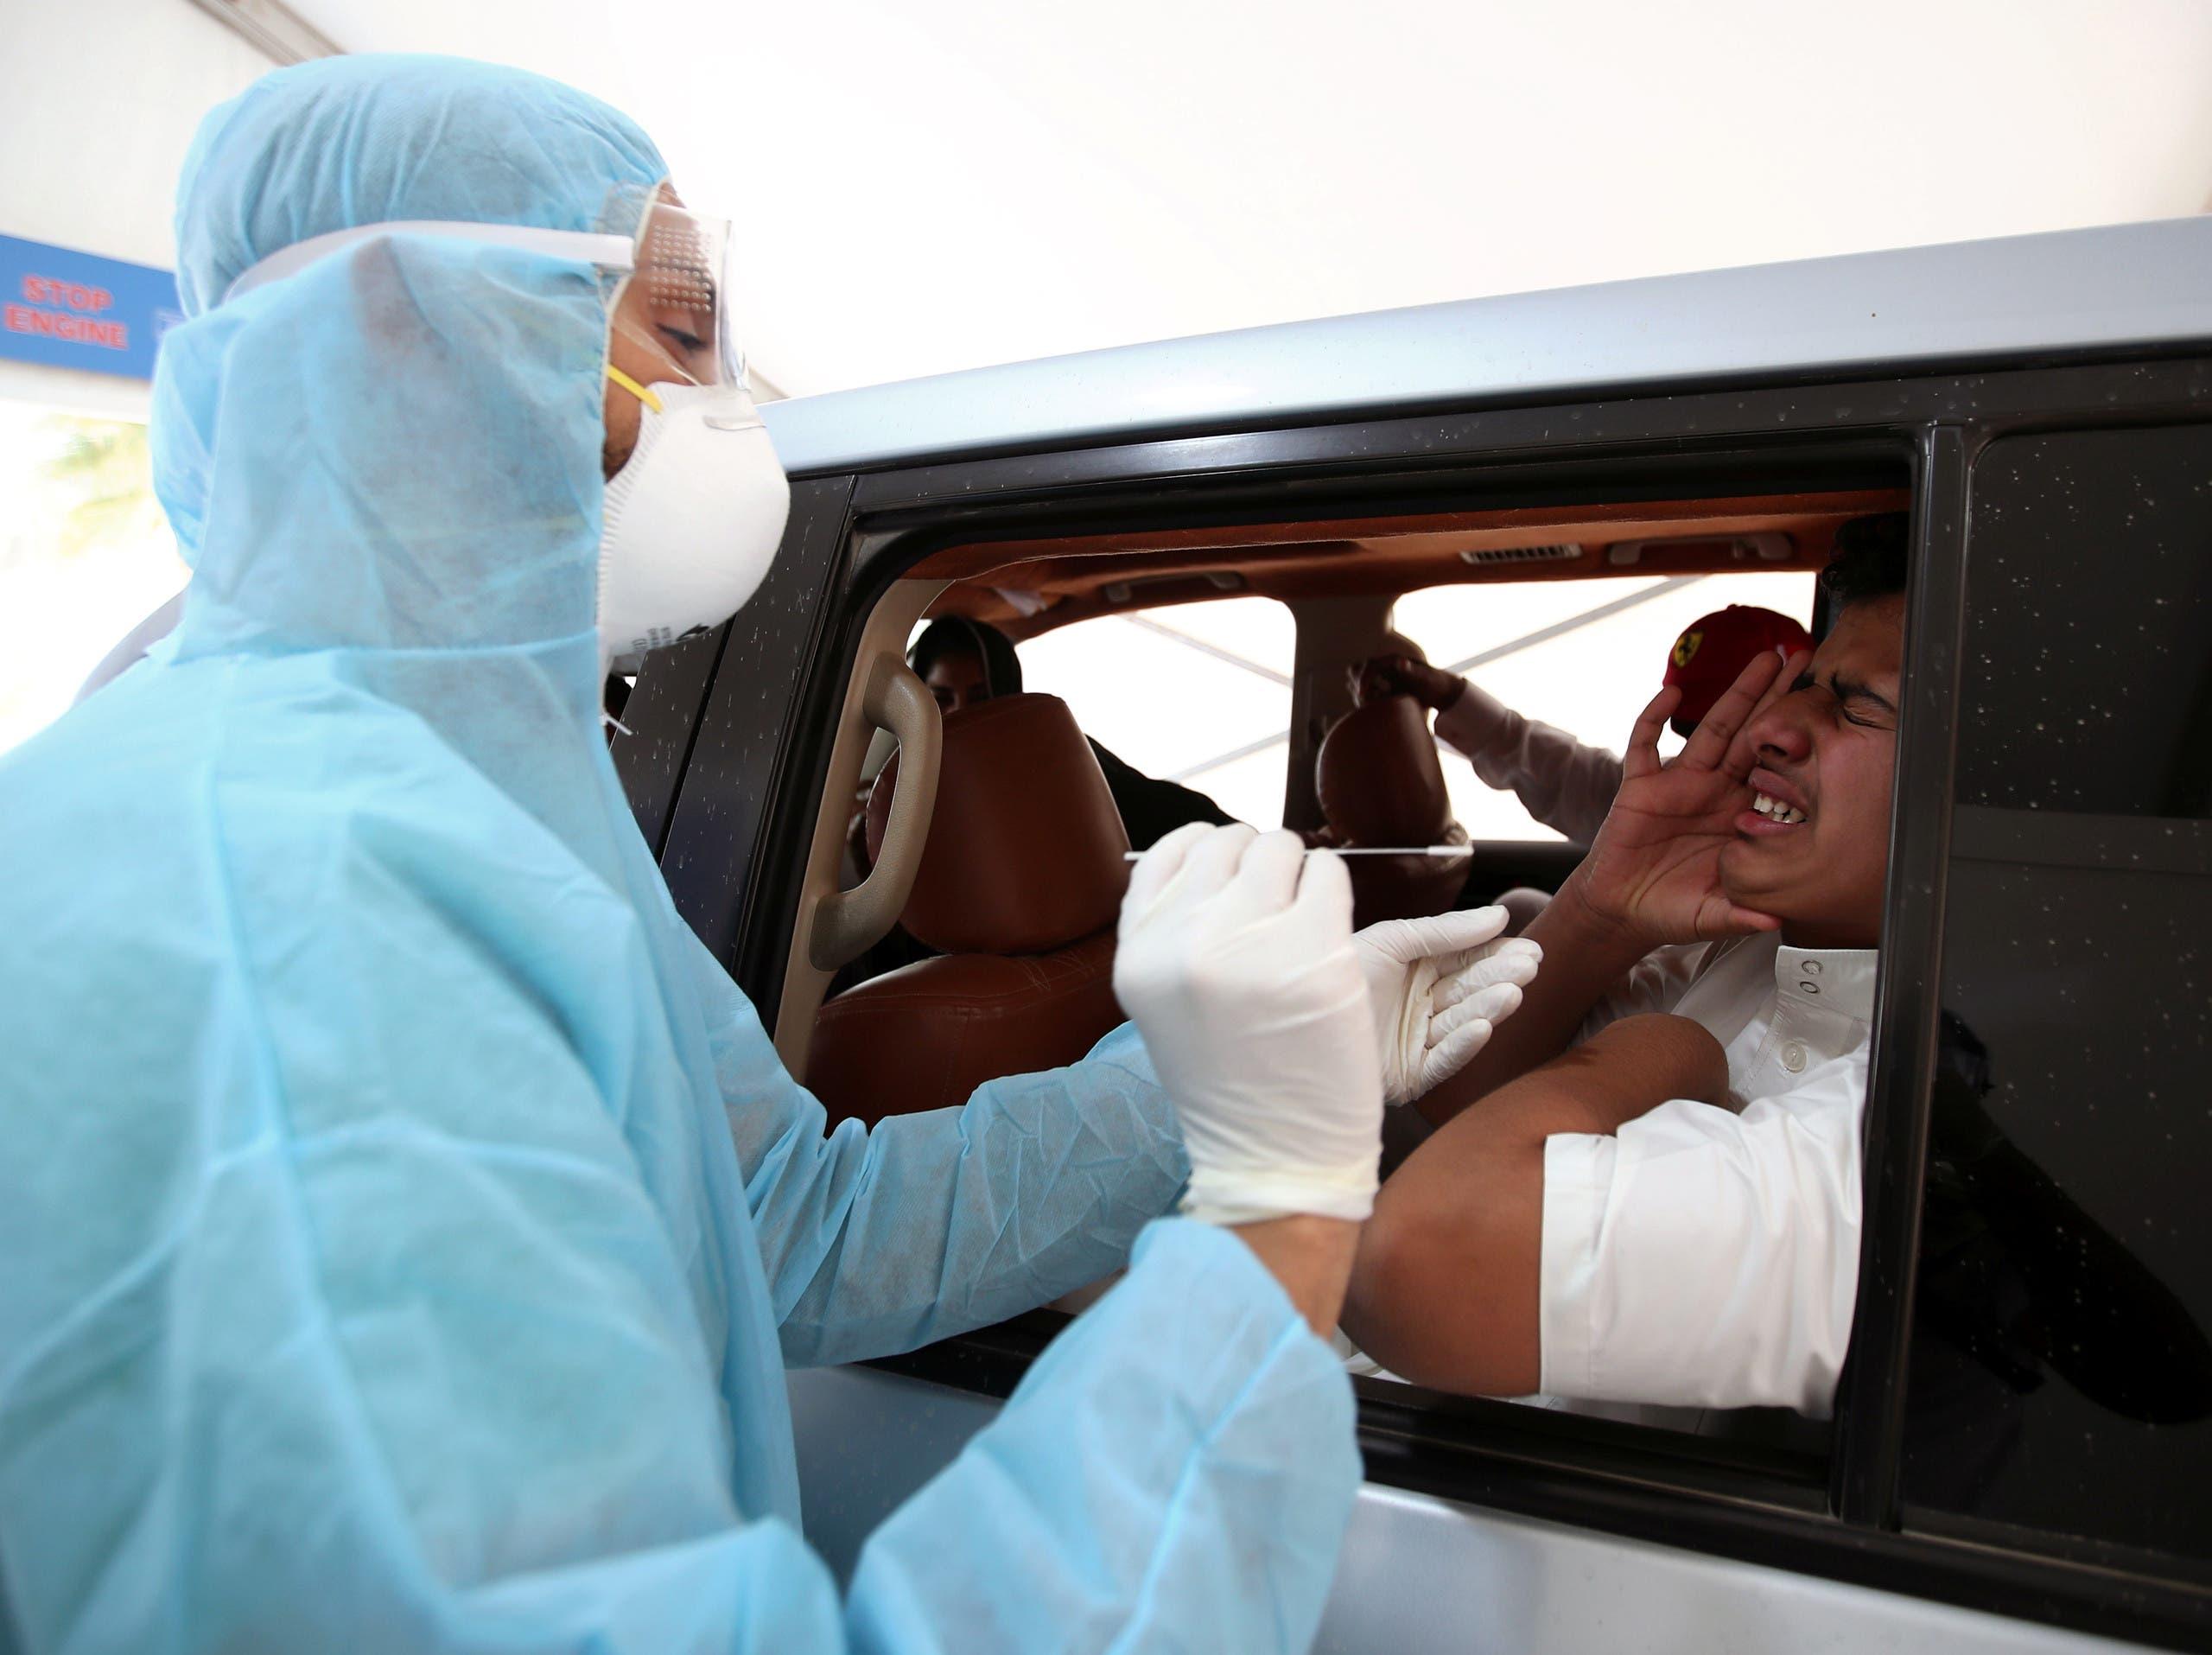 من مركز فحص كورونا استحدث مؤخراً في البحرين